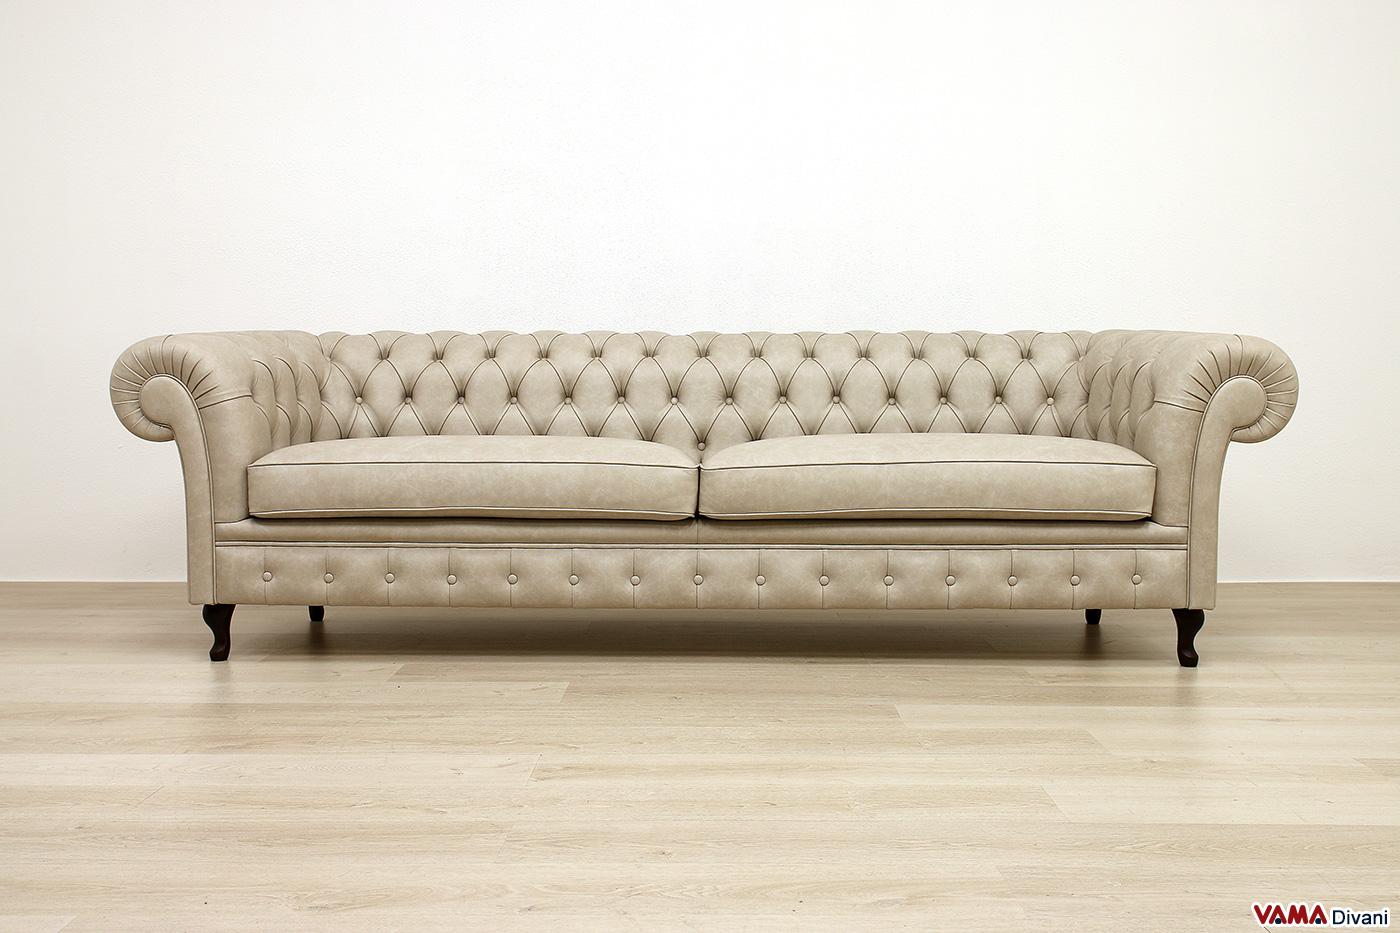 Fabbrica Divani A Brescia divani su misura, realizziamo la tua idea - vama divani